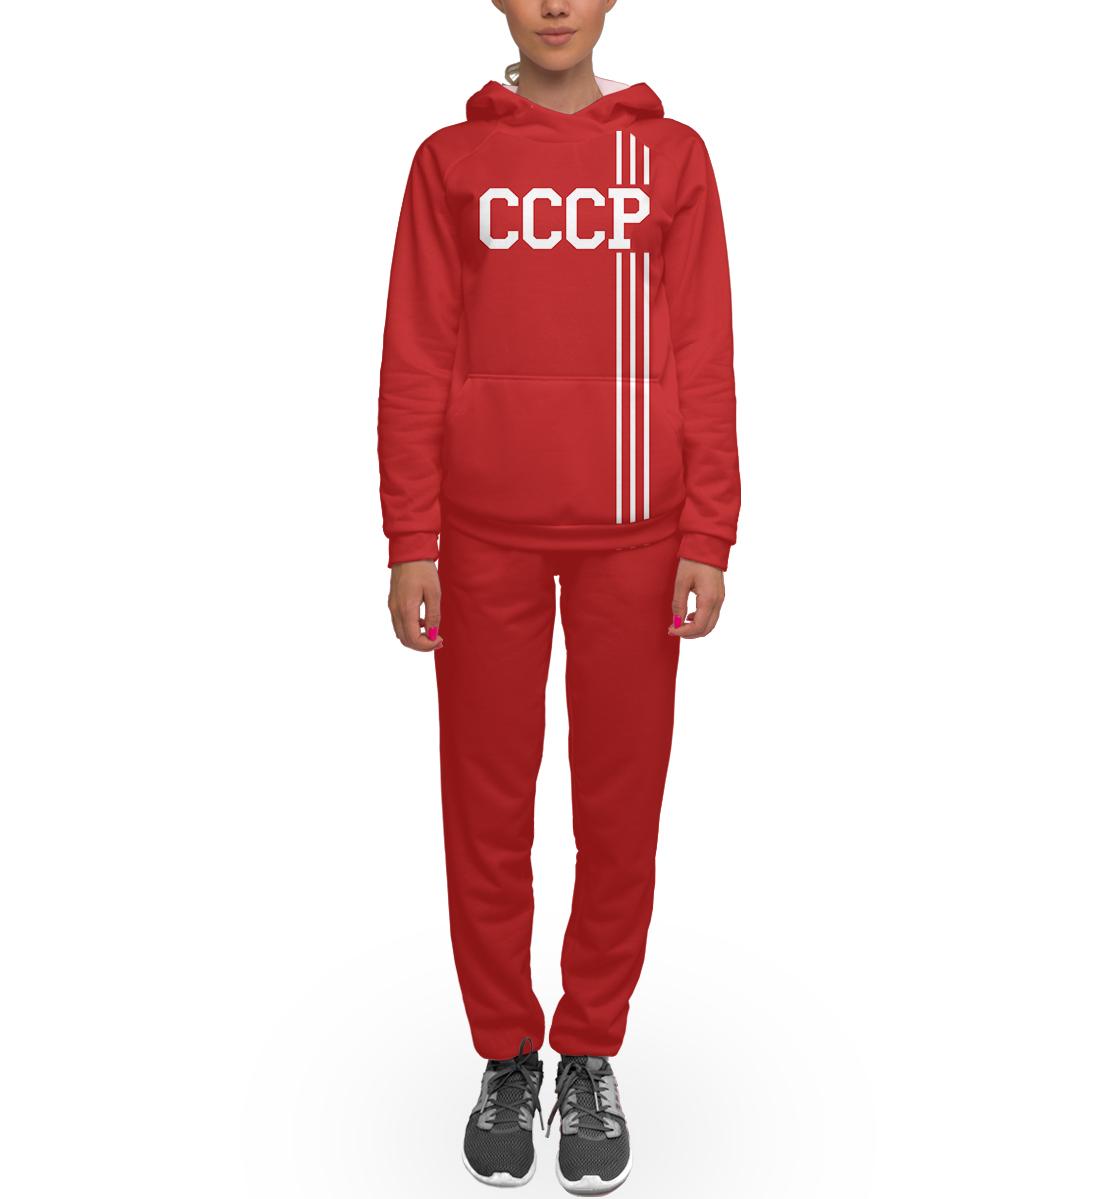 фото спортивный костюм ссср москва первой